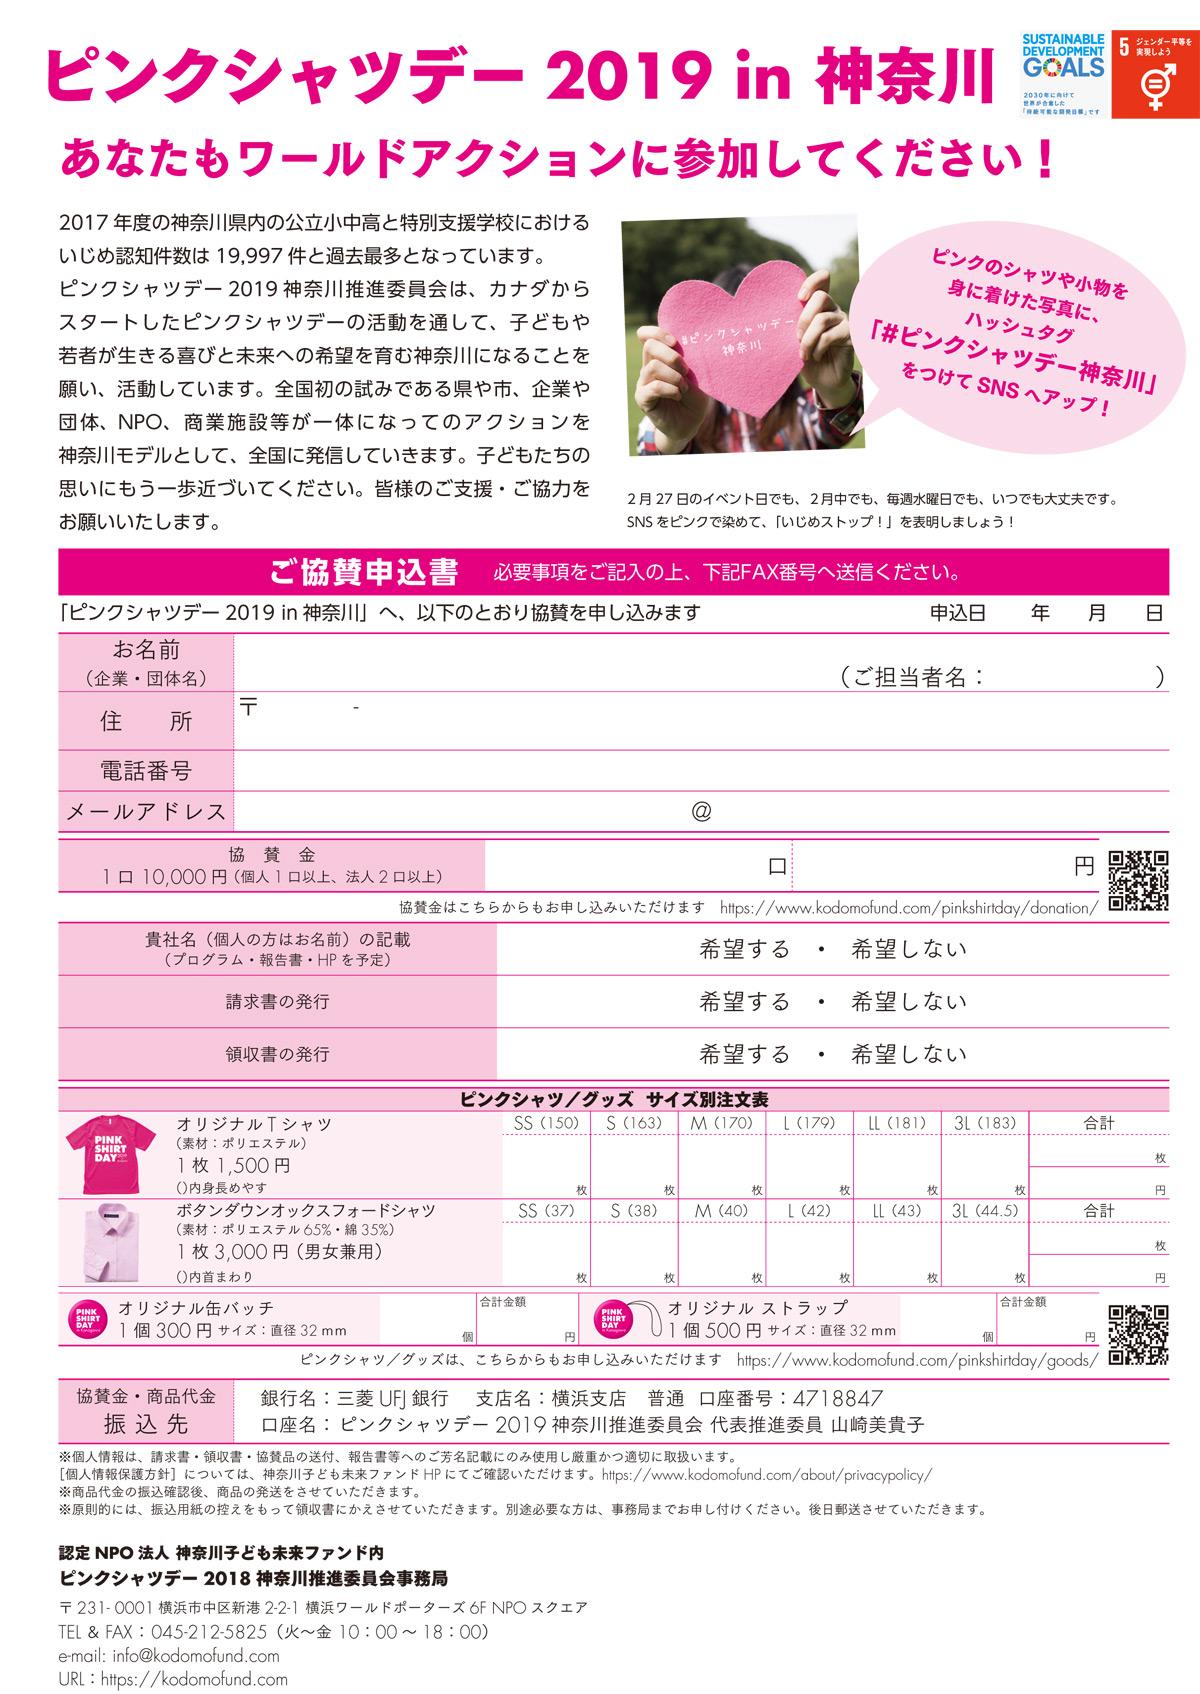 ピンクシャツデー2019 in 神奈川 「いじめストップ!」ワールドアクション